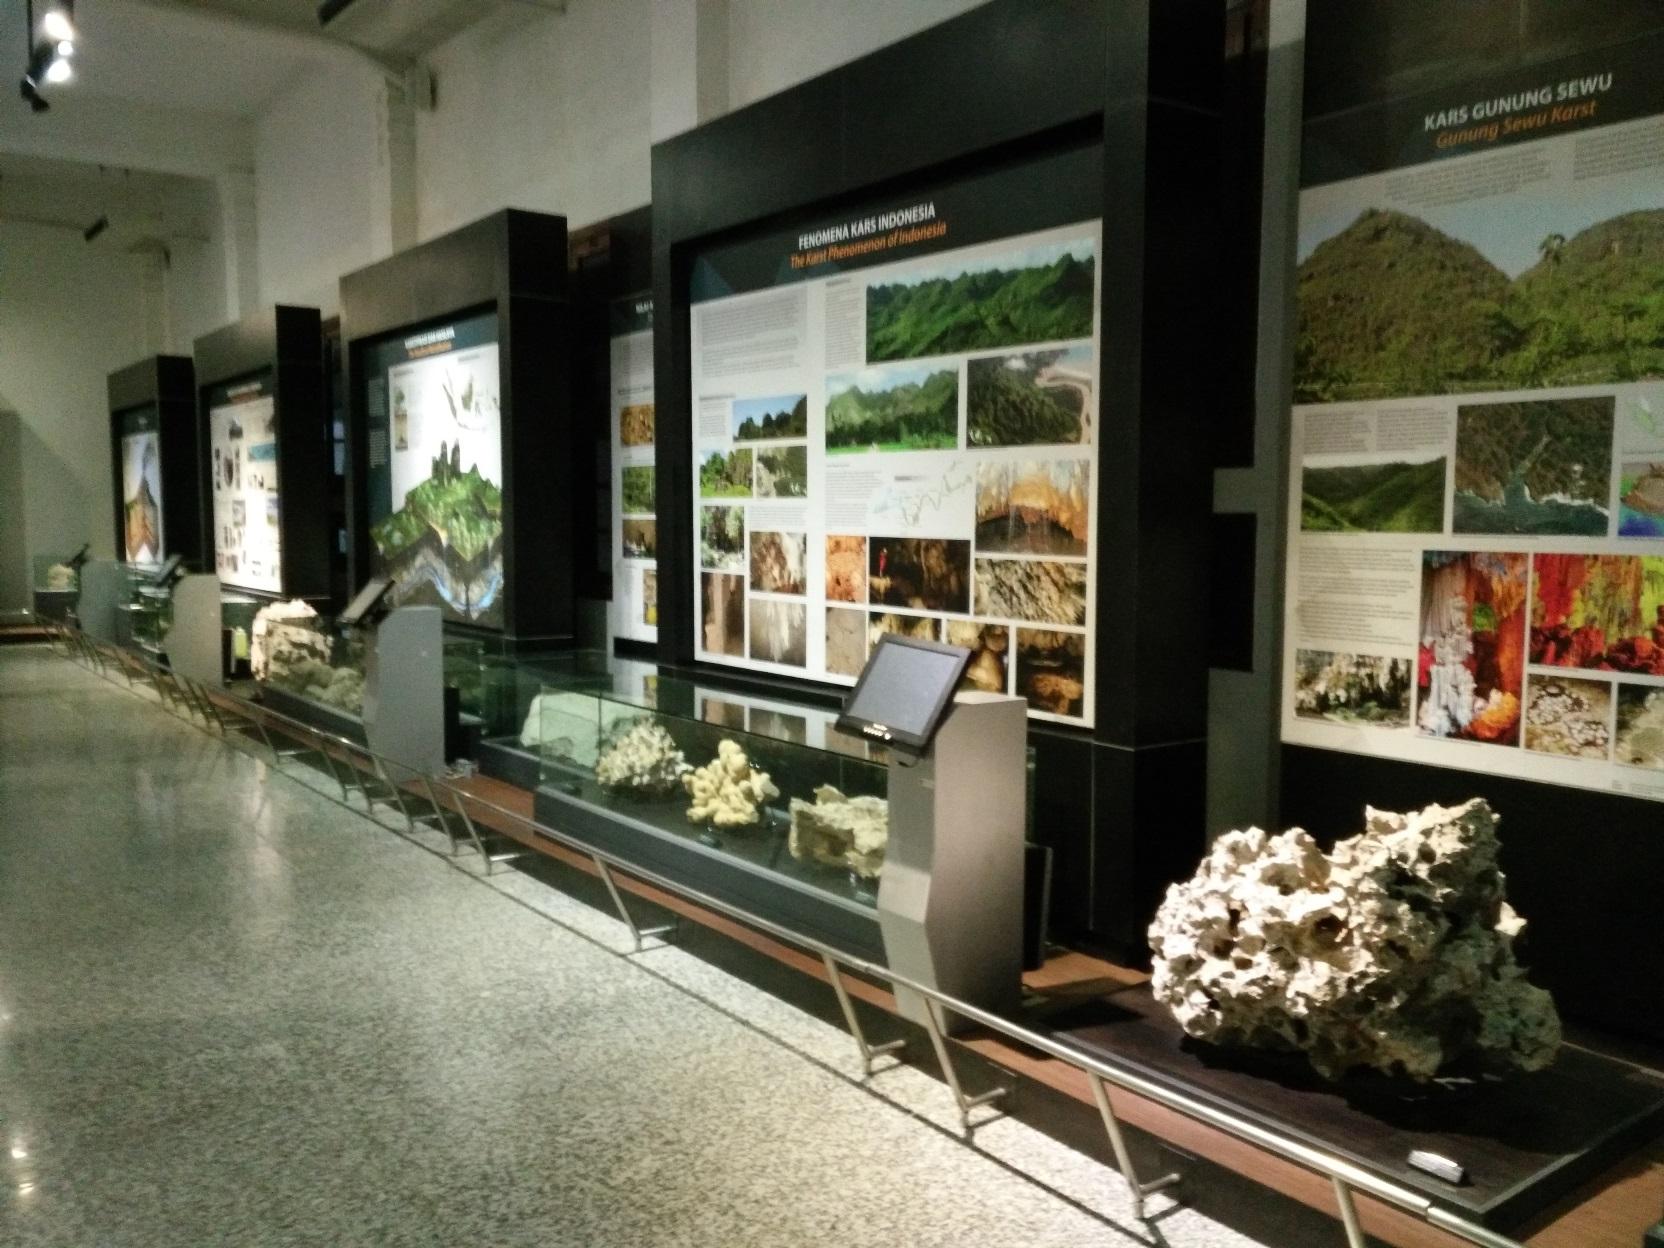 Sabtu Pagi Museum Geologi Bukan Pajokka Menariknya Video Interaktif Menjelaskan